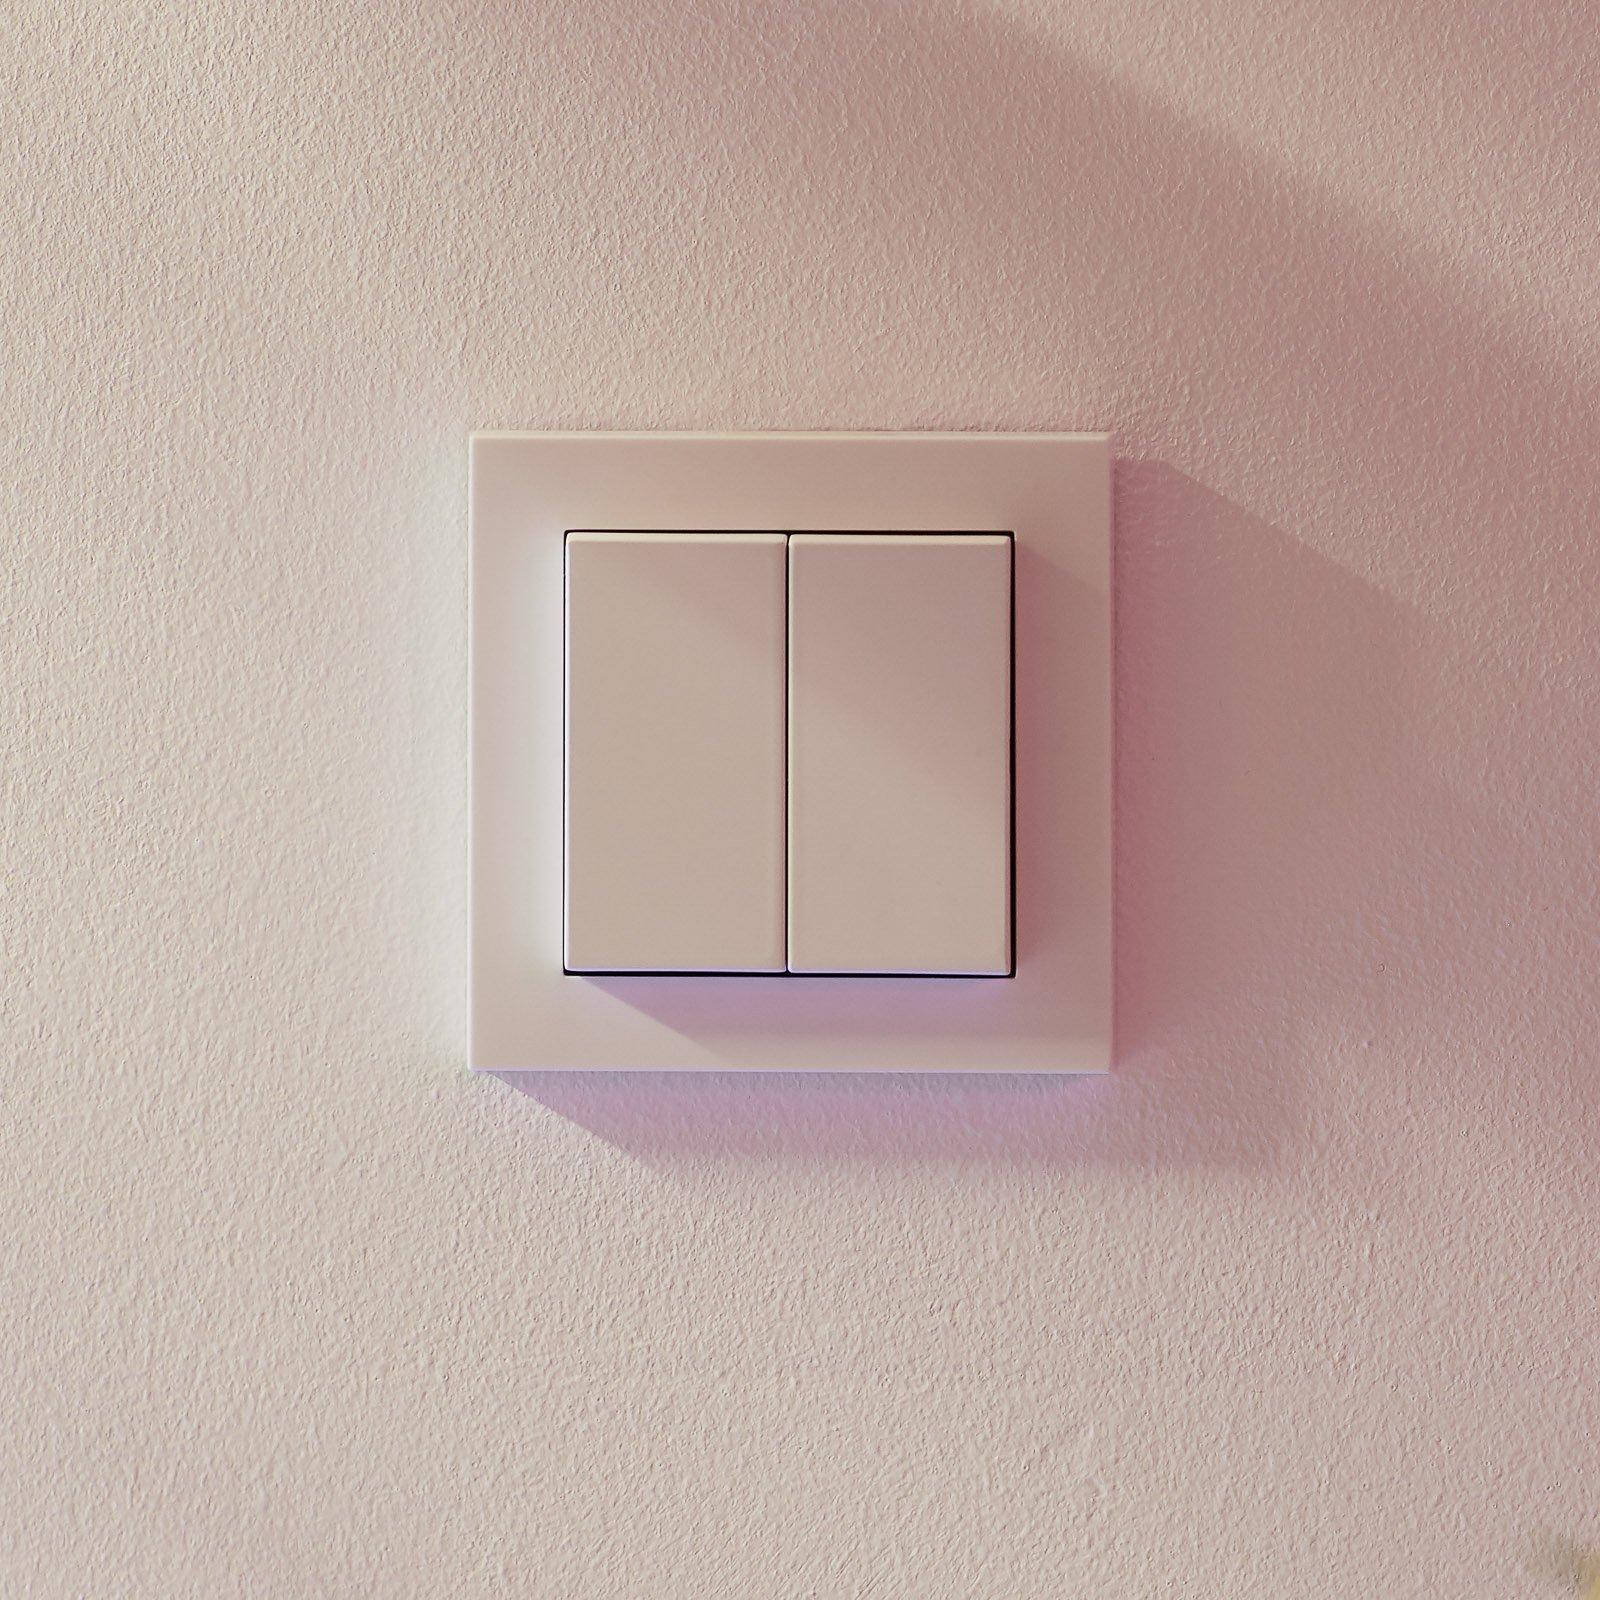 Senic Smart Switch Philips Hue, 1er, hvit blank